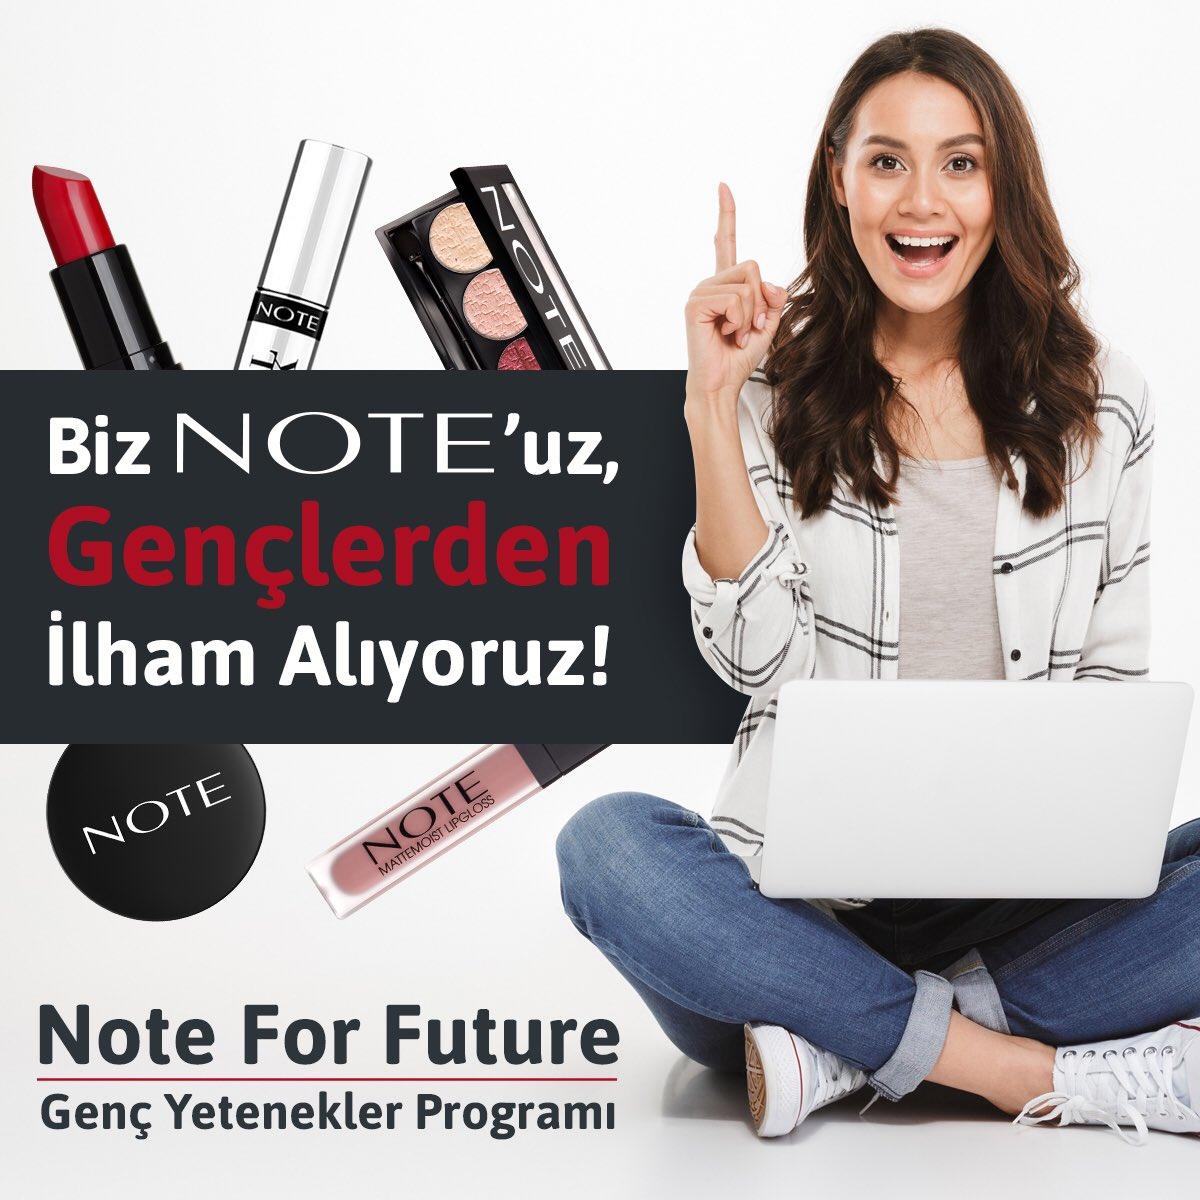 Note for Future-Genç Yetenekler Programı, kozmetik sektörüne fikirleri ile ilham vermek isteyen üniversiteli gençleri Online Gelişim Programına davet ediyor🙋🏻♀️ 📌Program detaylarını çok yakında https://t.co/aTZV4bDvRV adresinden paylaşıyor olacağız😊 #NoteCosmetics #BeNoteable https://t.co/Vs3syJZDvL